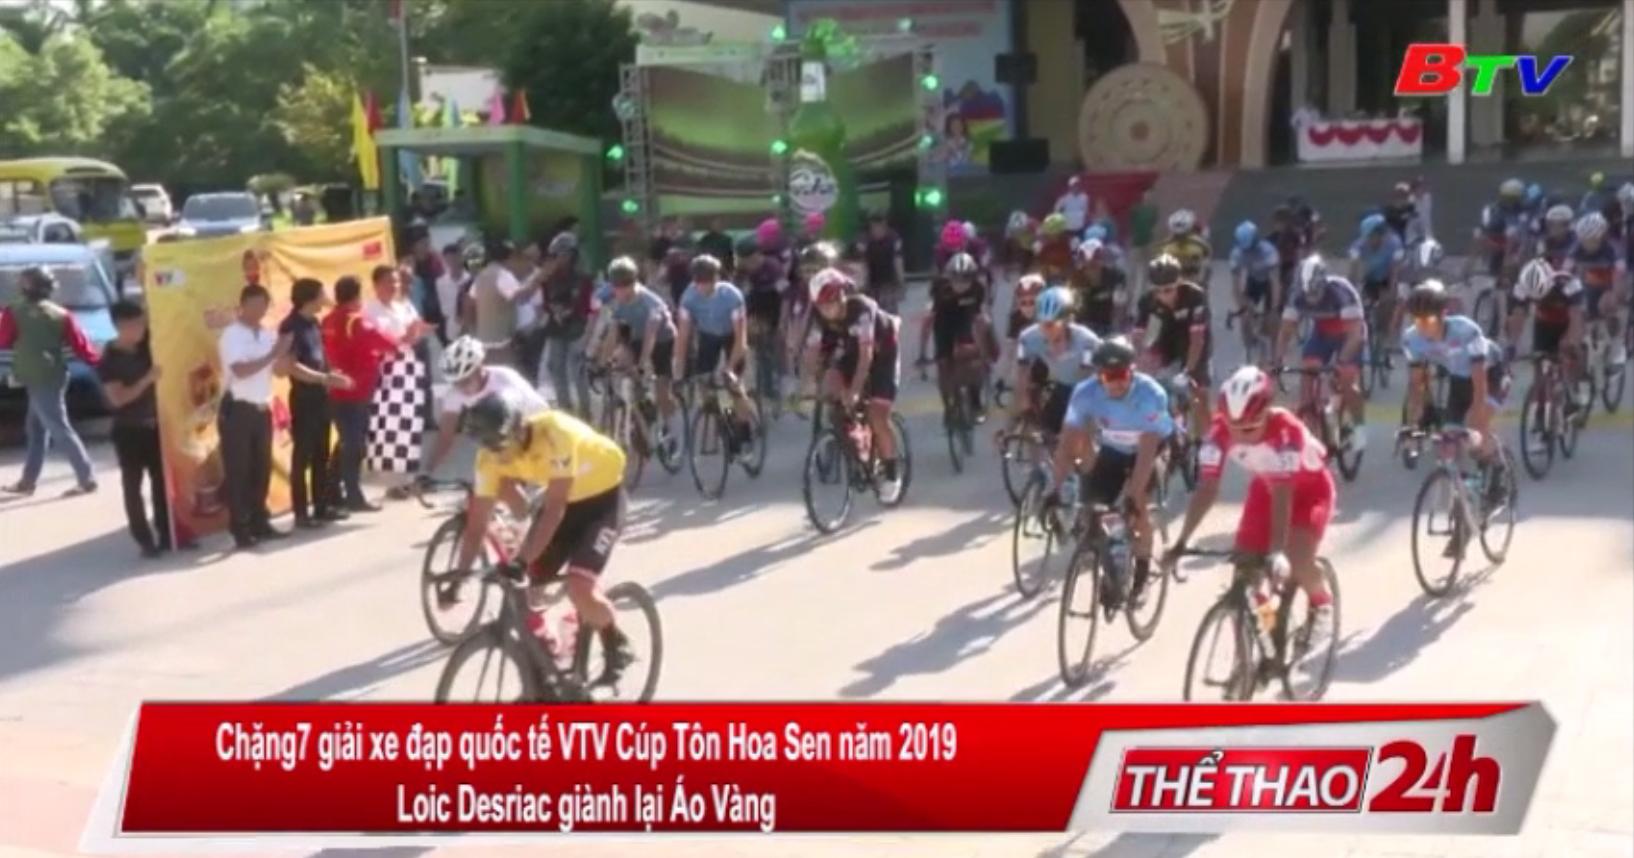 Chặng 7 Giải xe đạp Quốc tế VTV Cúp Tôn Hoa Sen 2019 - Loic Desrirac giành lại áo vàng